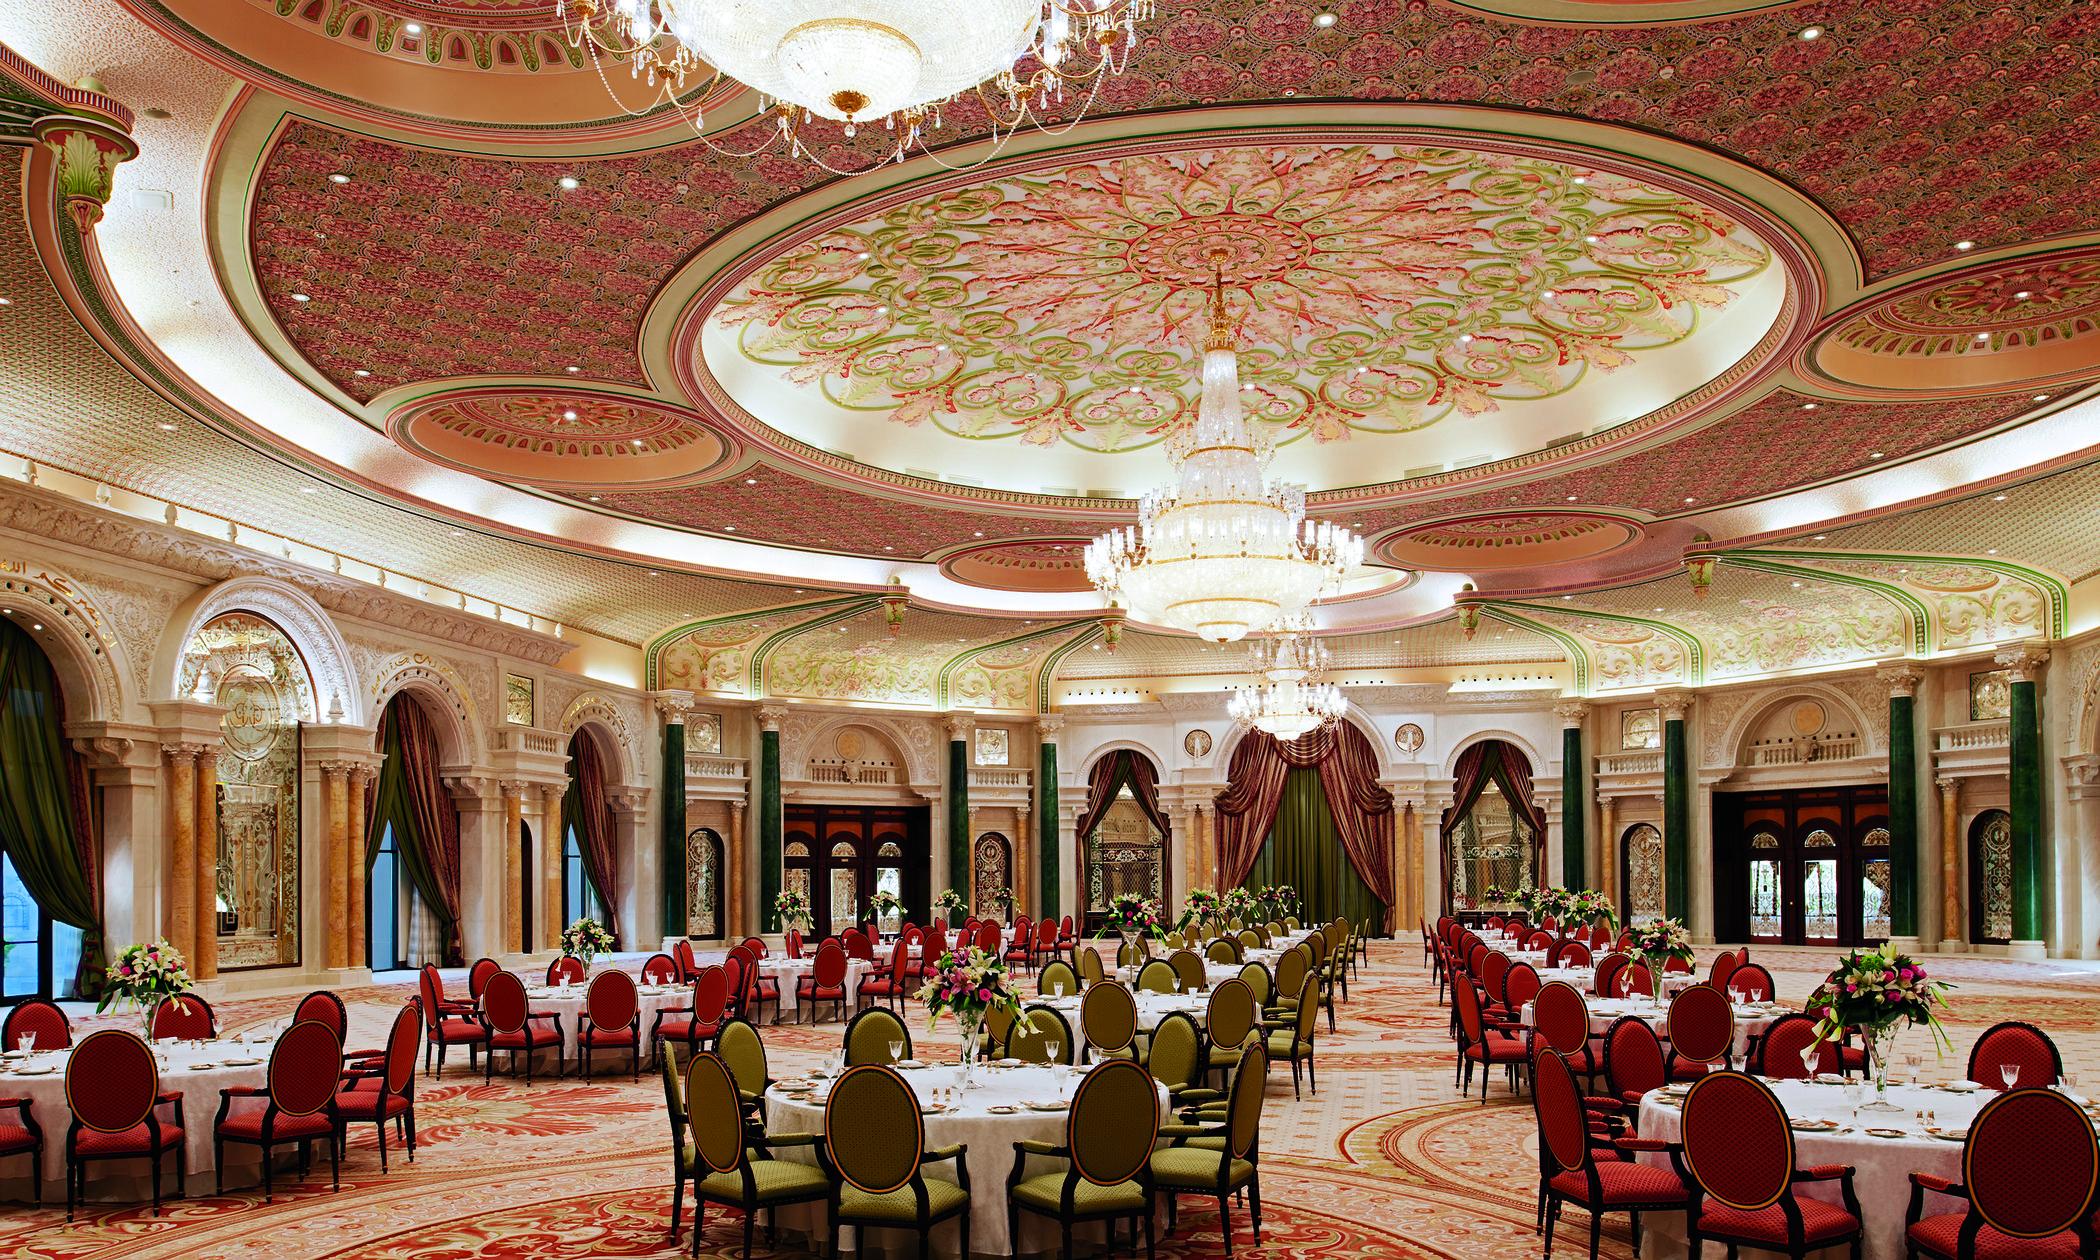 Hotels In Riyadh Riyadh Luxury Hotels Ballroom Design Ritz Carlton Luxury Hotel